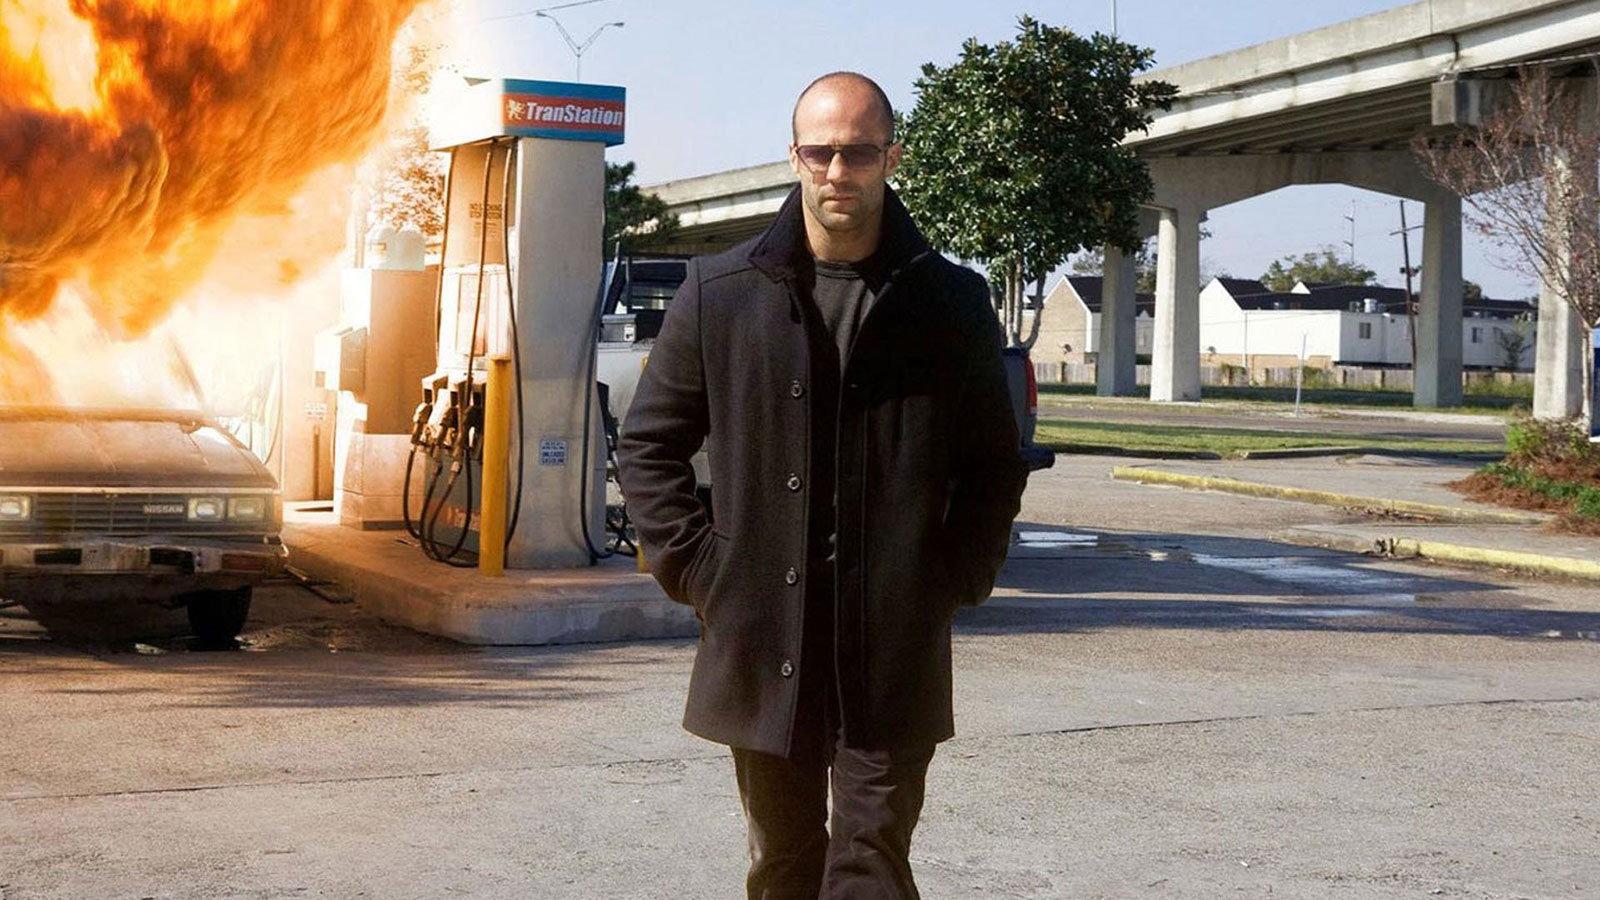 Jason Statham as Chev Chelios